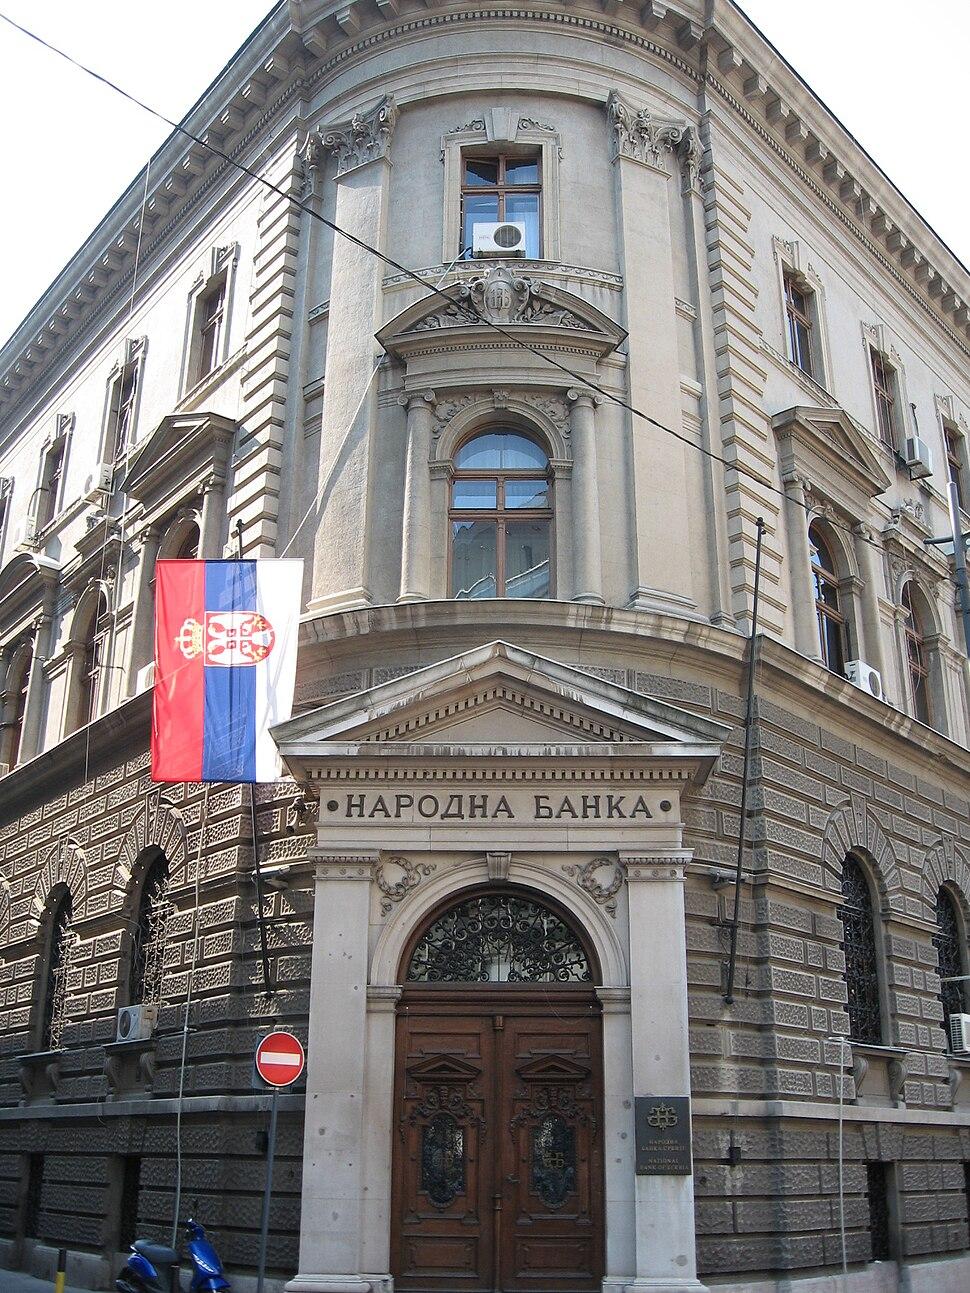 NarodnaBankaSrbije